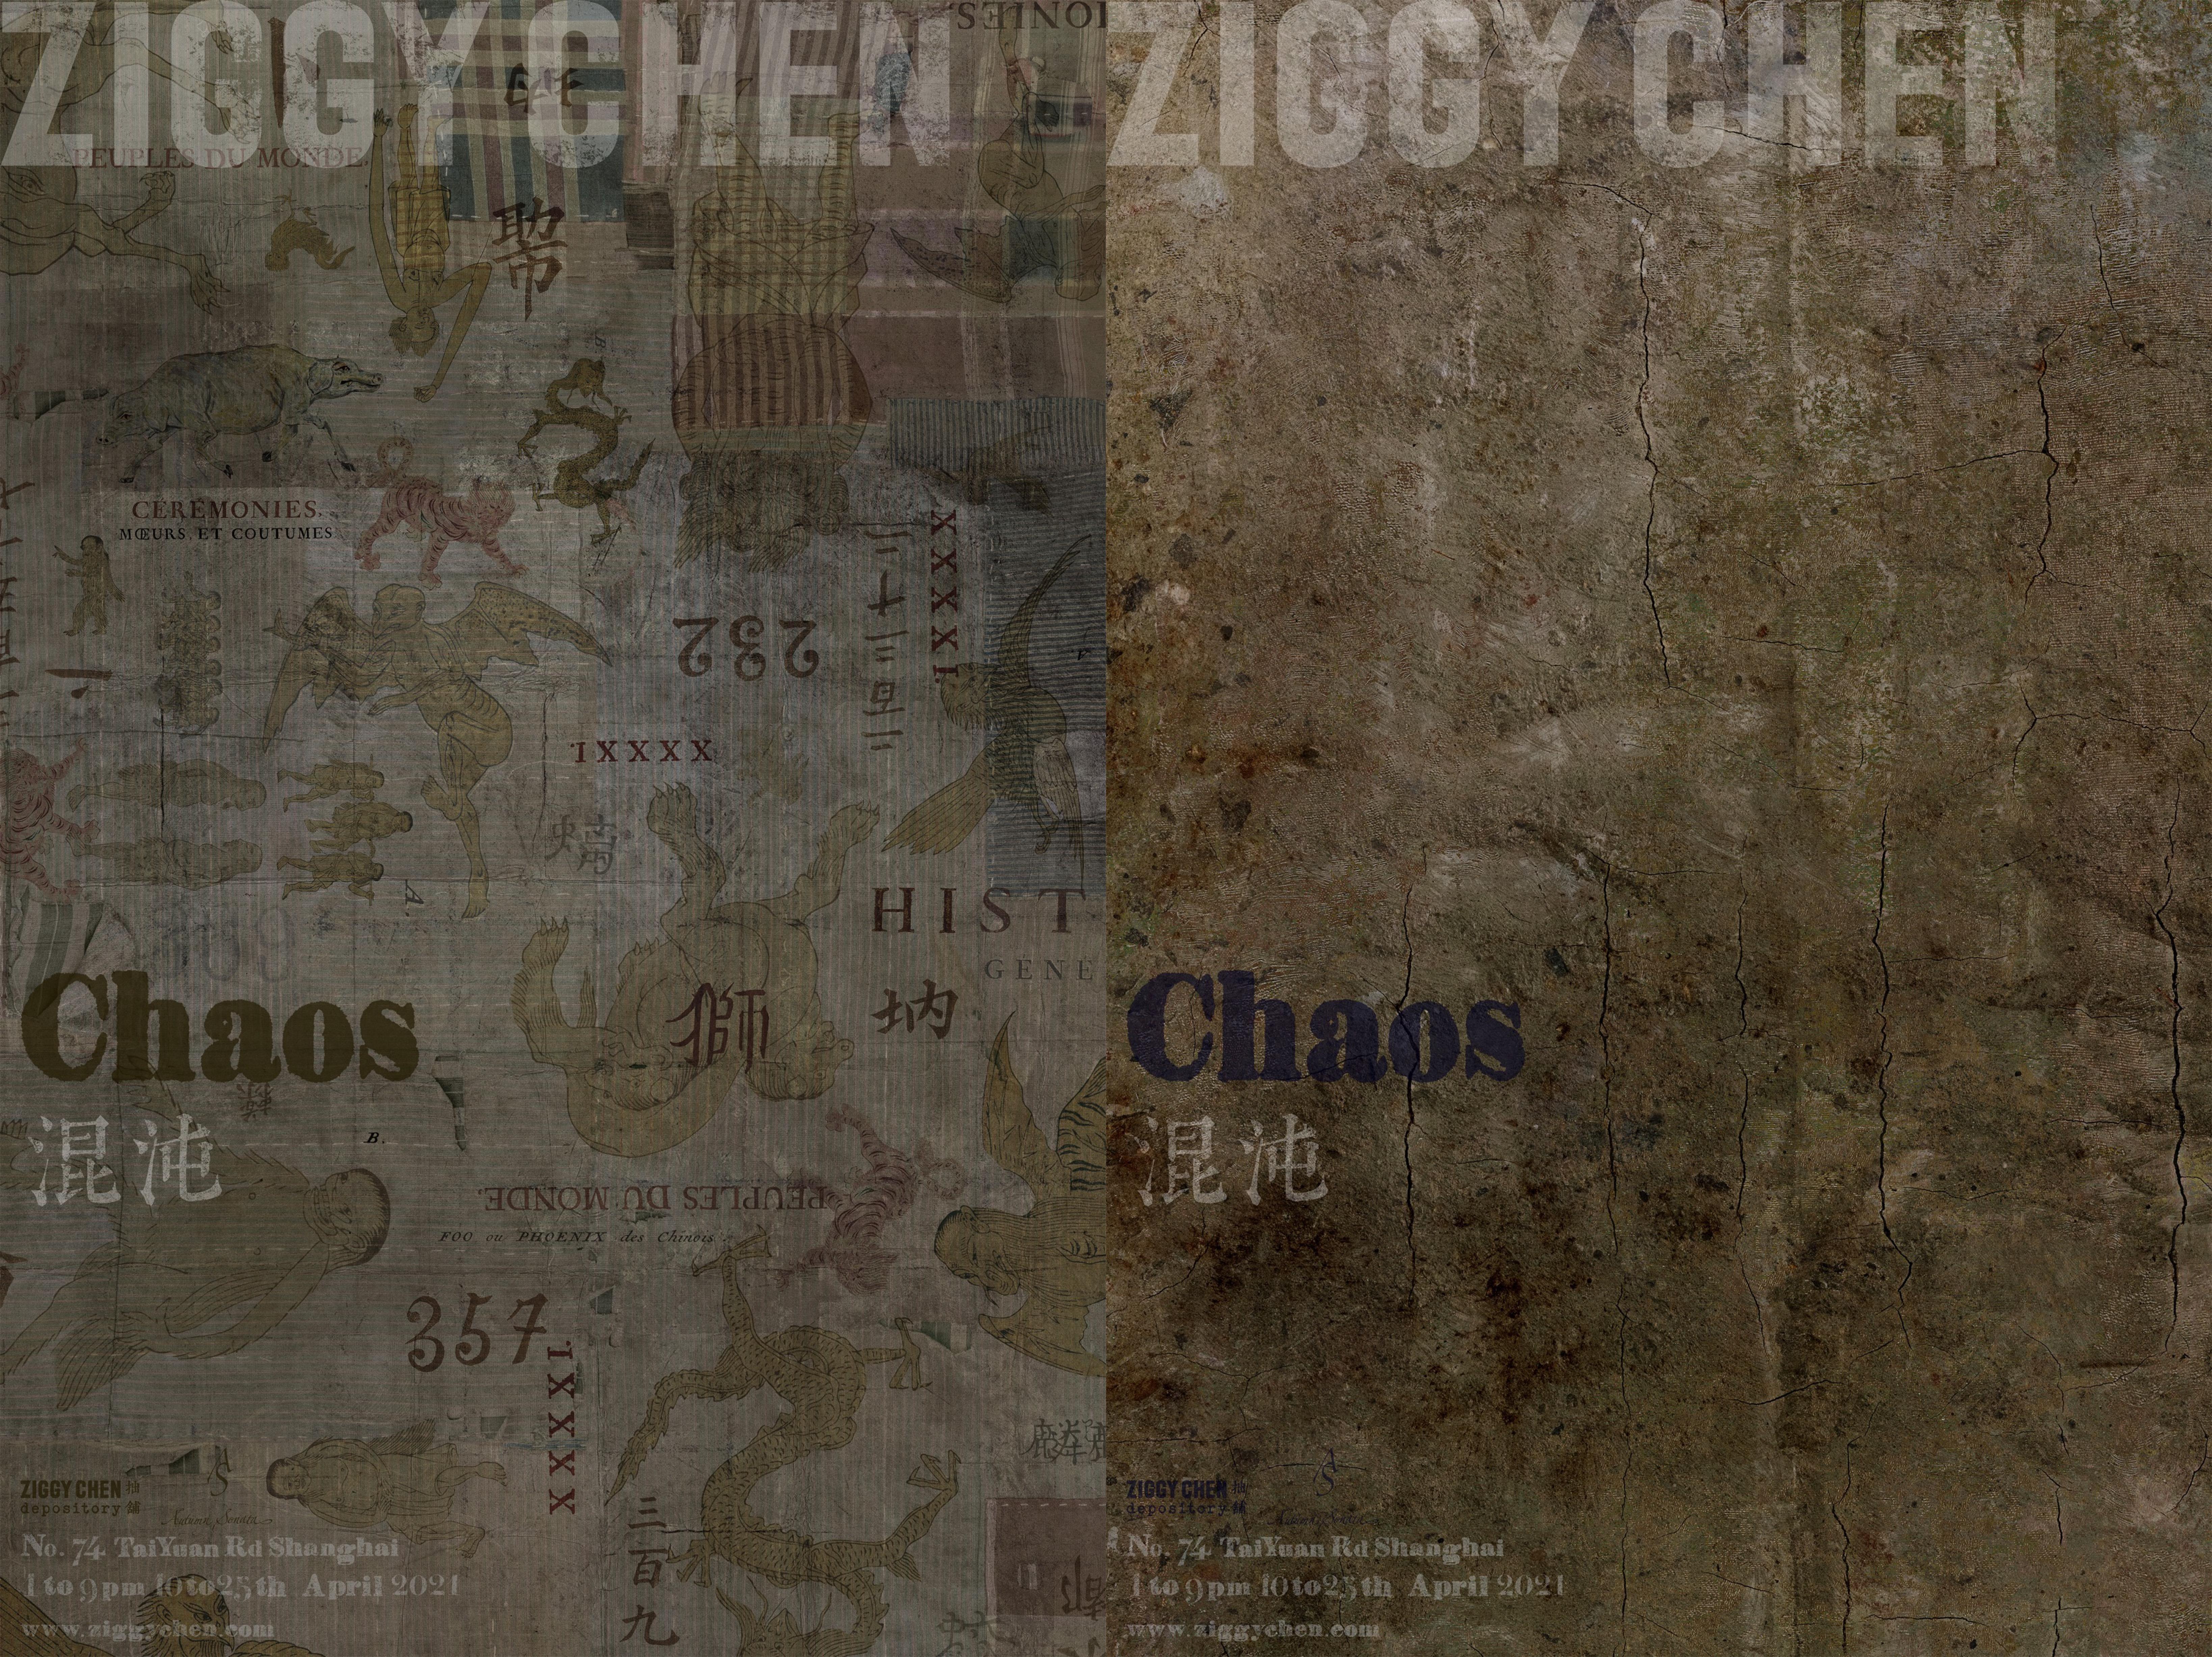 Affiches d'exposition réalisées avec des détails imprimés des collections précédentes de Ziggy Chen.